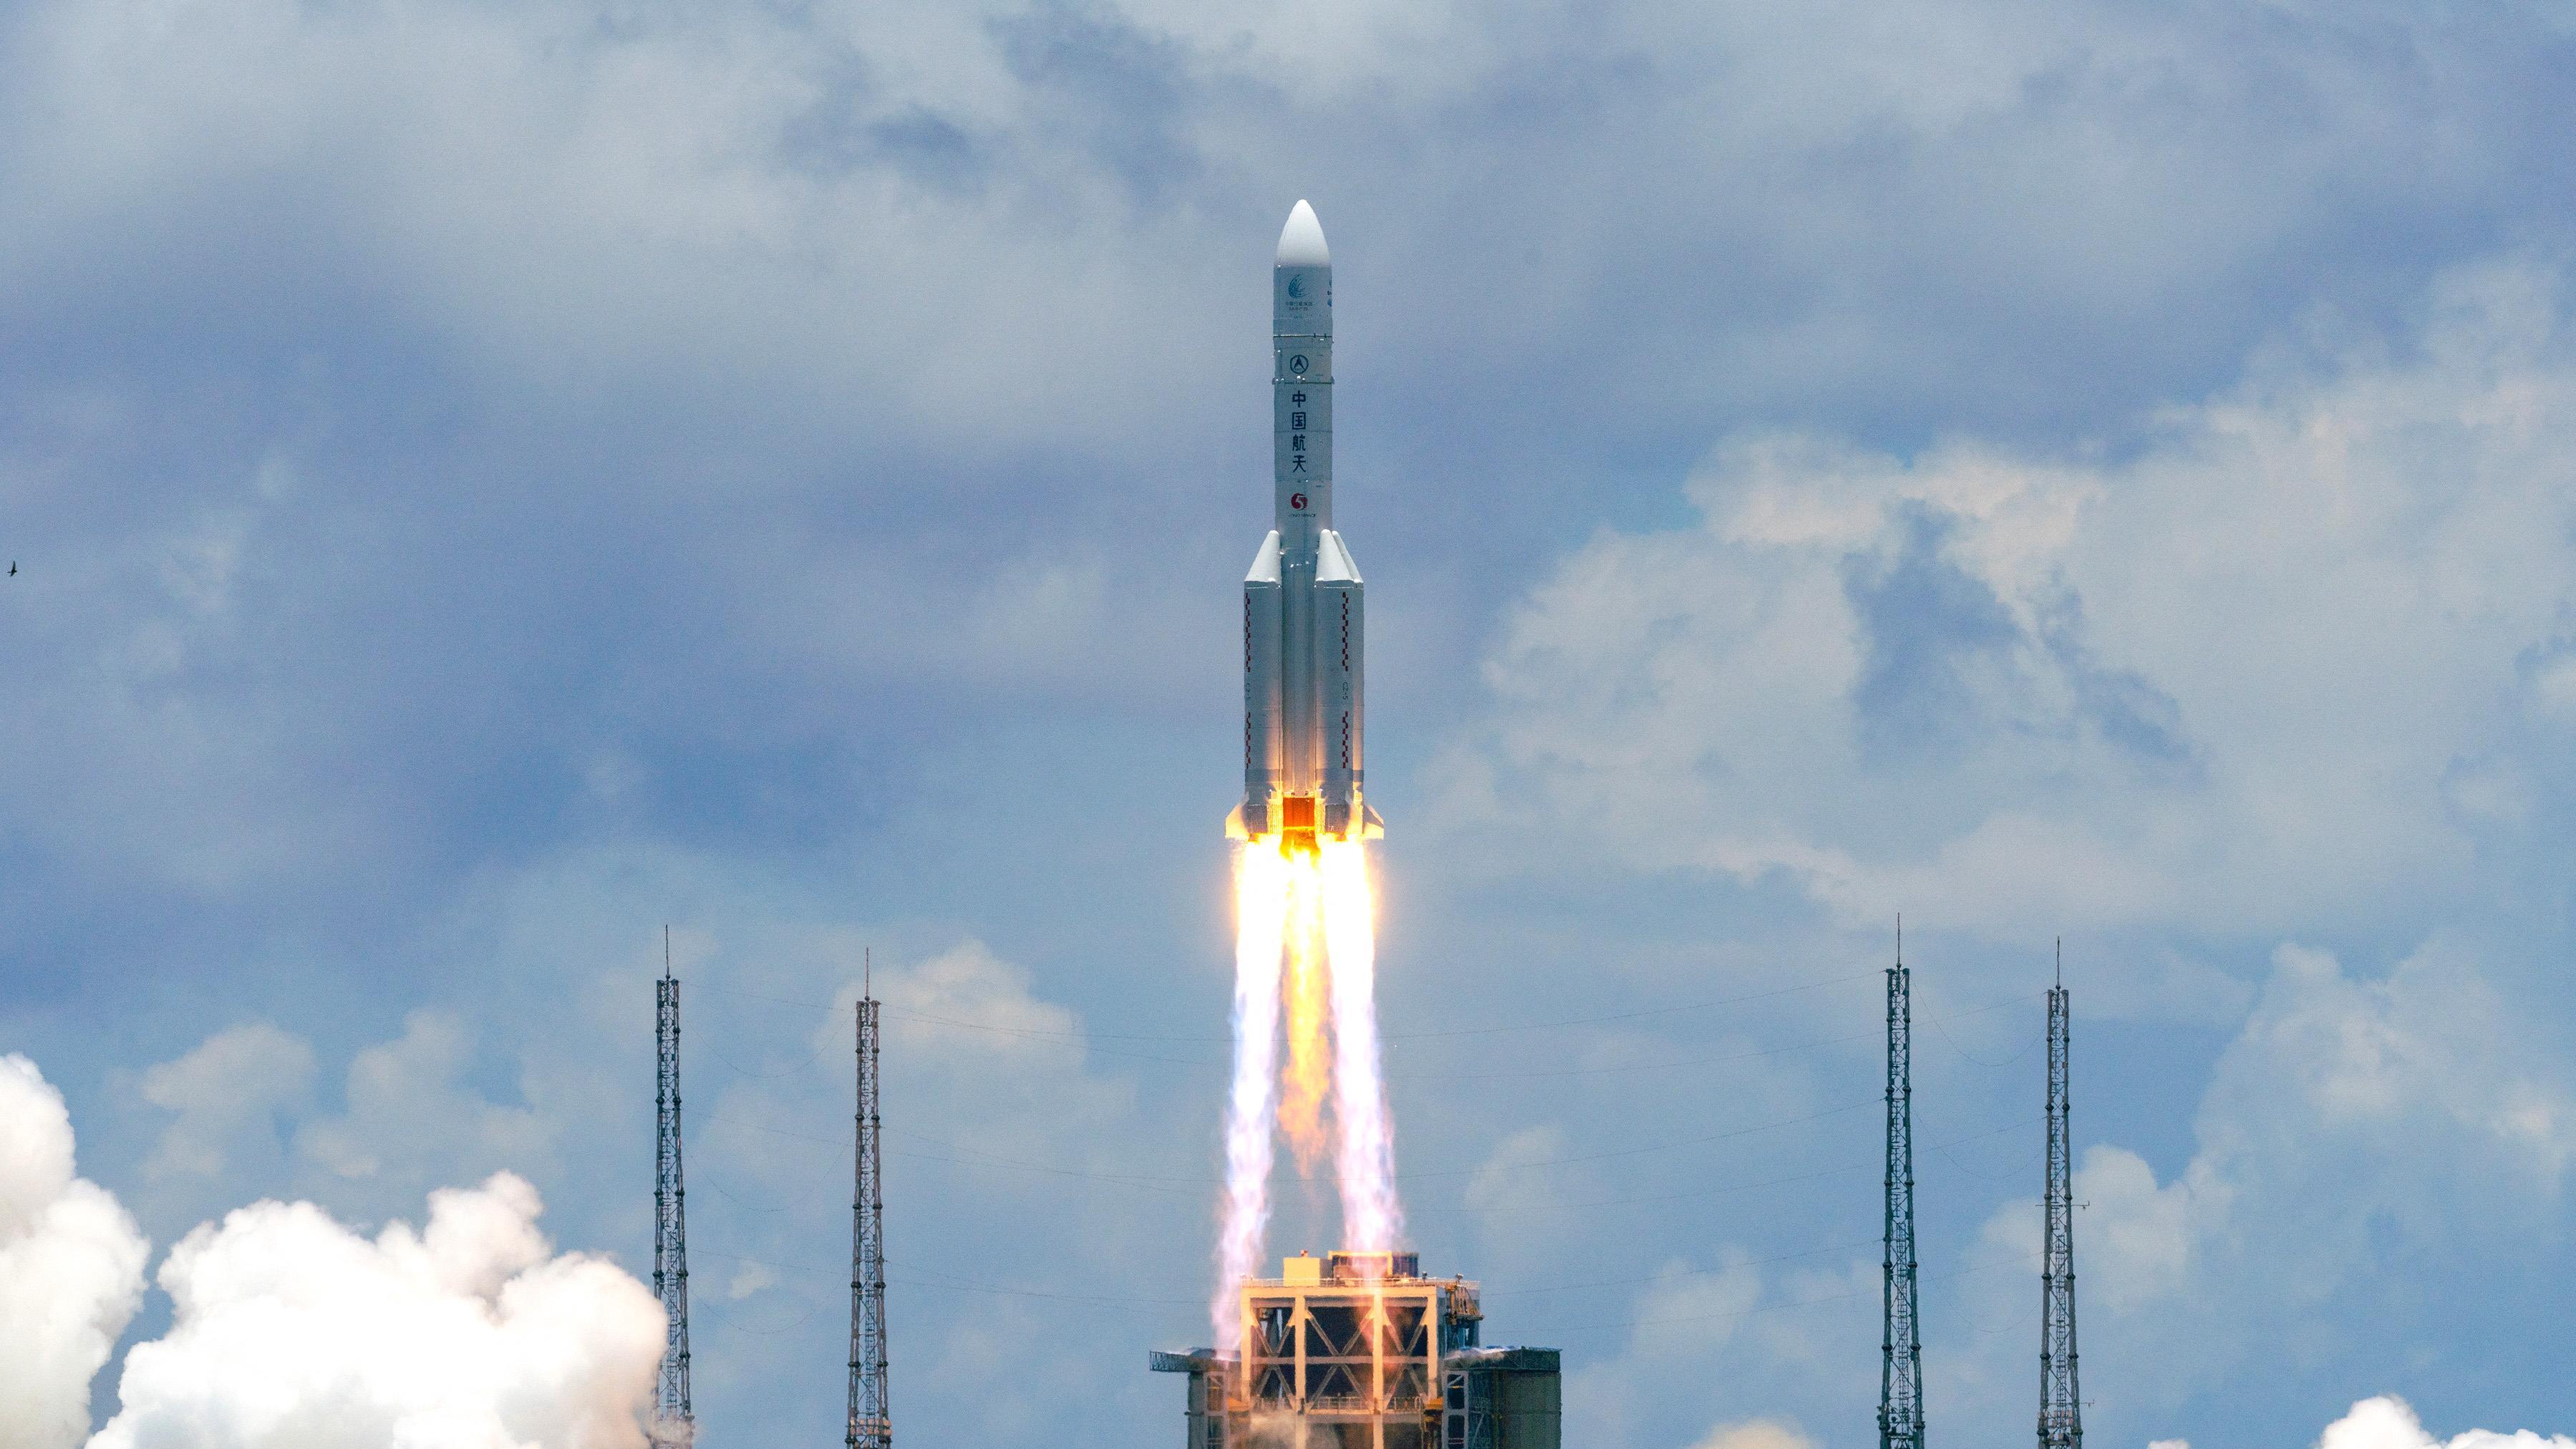 Huszonhárom rakéta kilövésével mentenék meg a világot